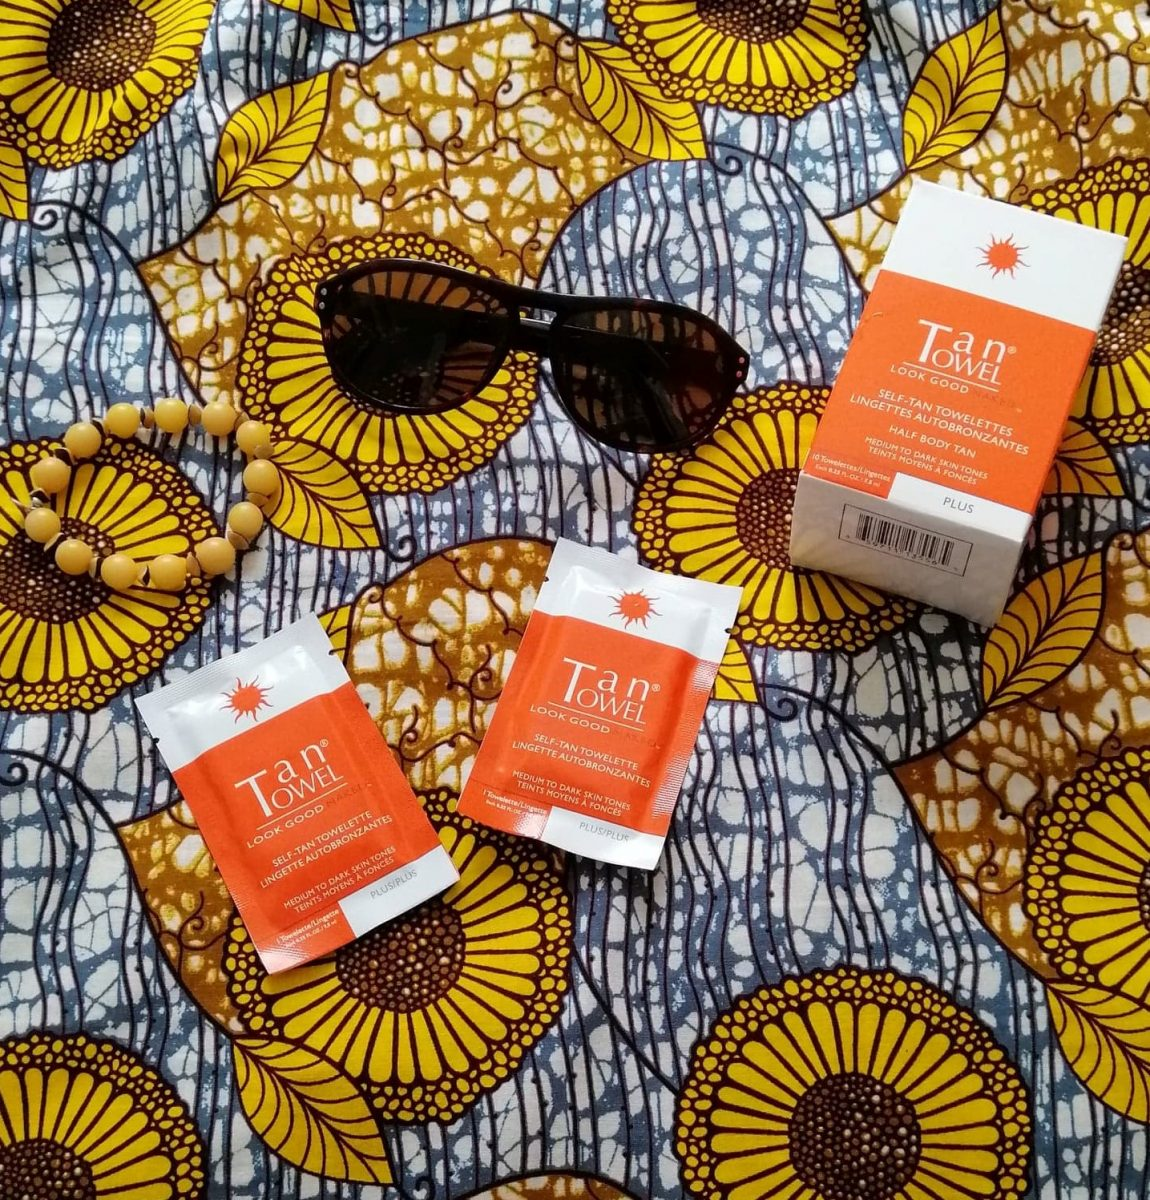 Team - beauté - quinqua - majuscules - tan towel - bronzage - été